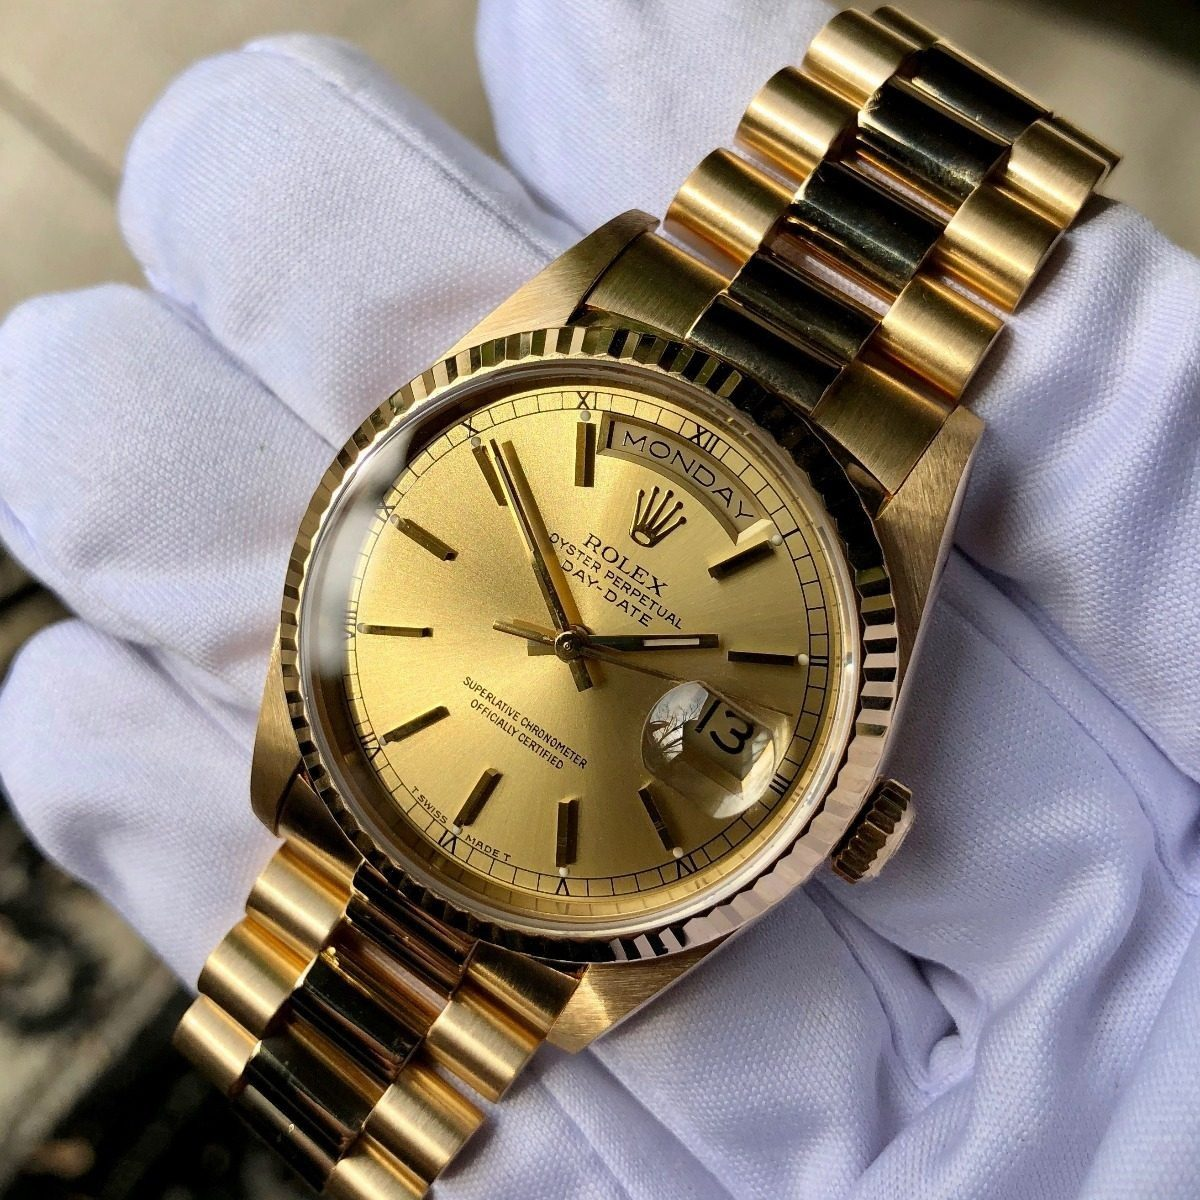 c9d175224ac relógio daydate presidente ouro + caixa e documetos. Carregando zoom.